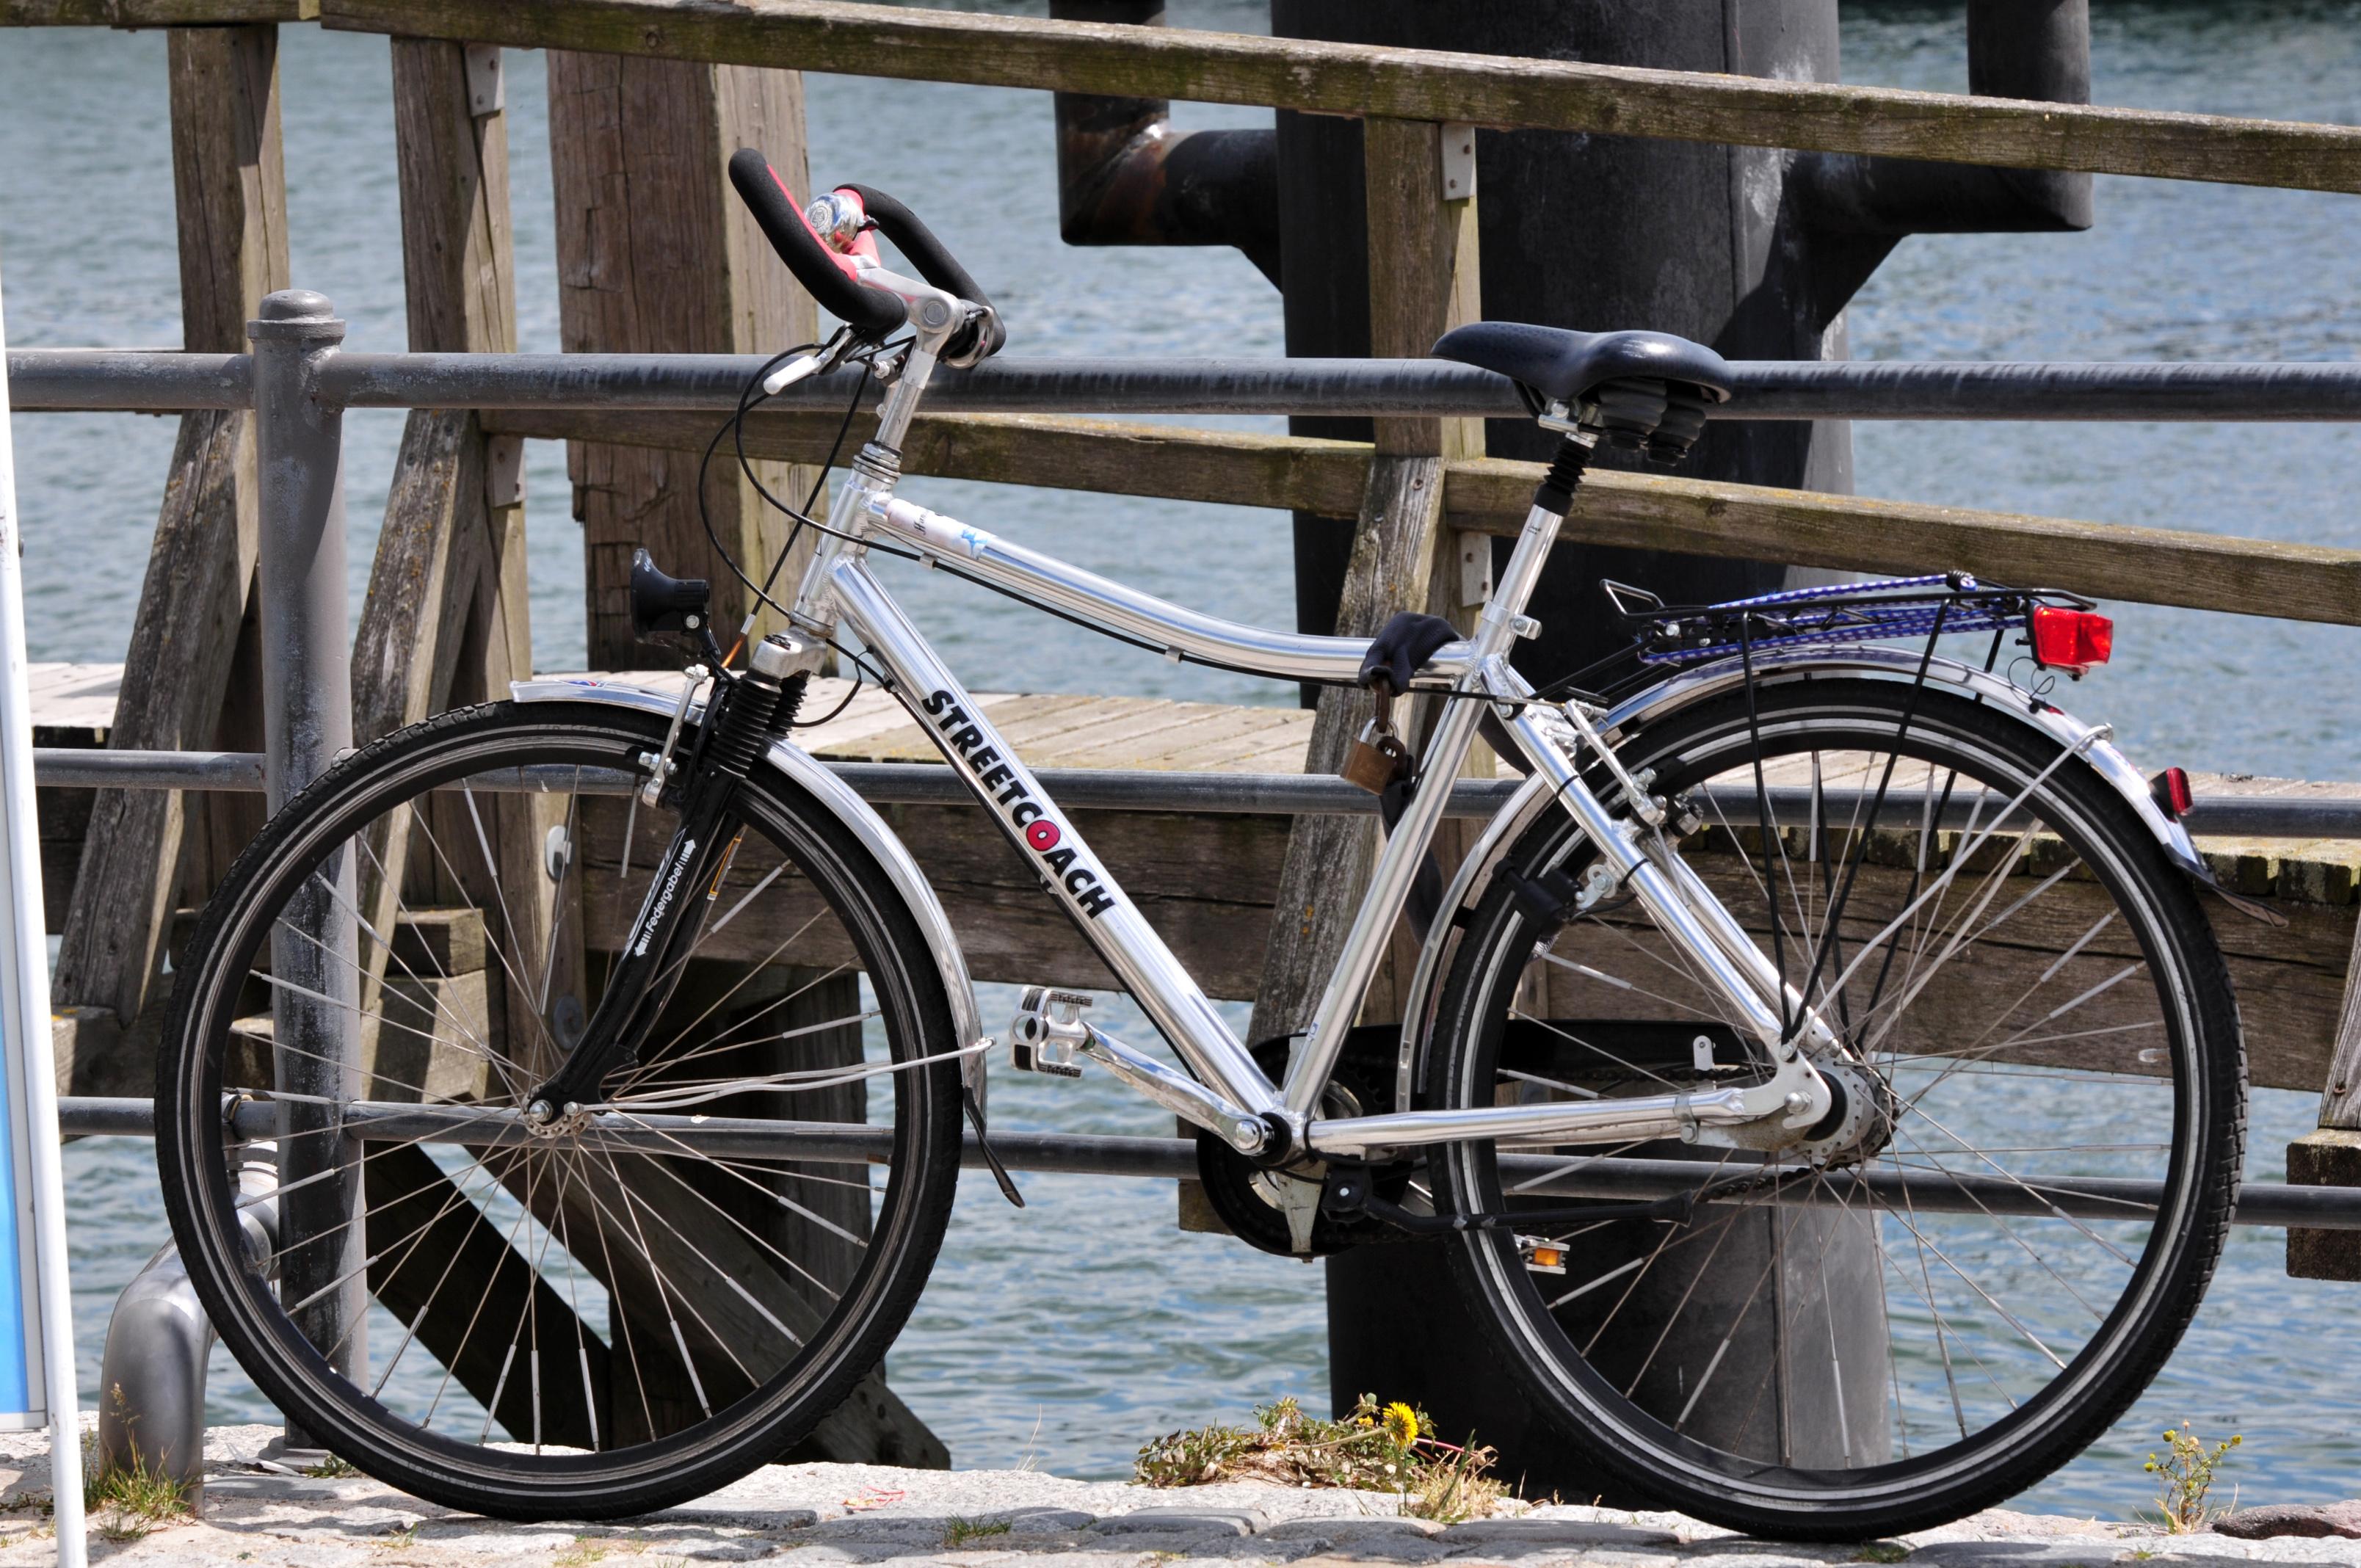 12-06-09-fahrrad-by-ralfr-02.jpg